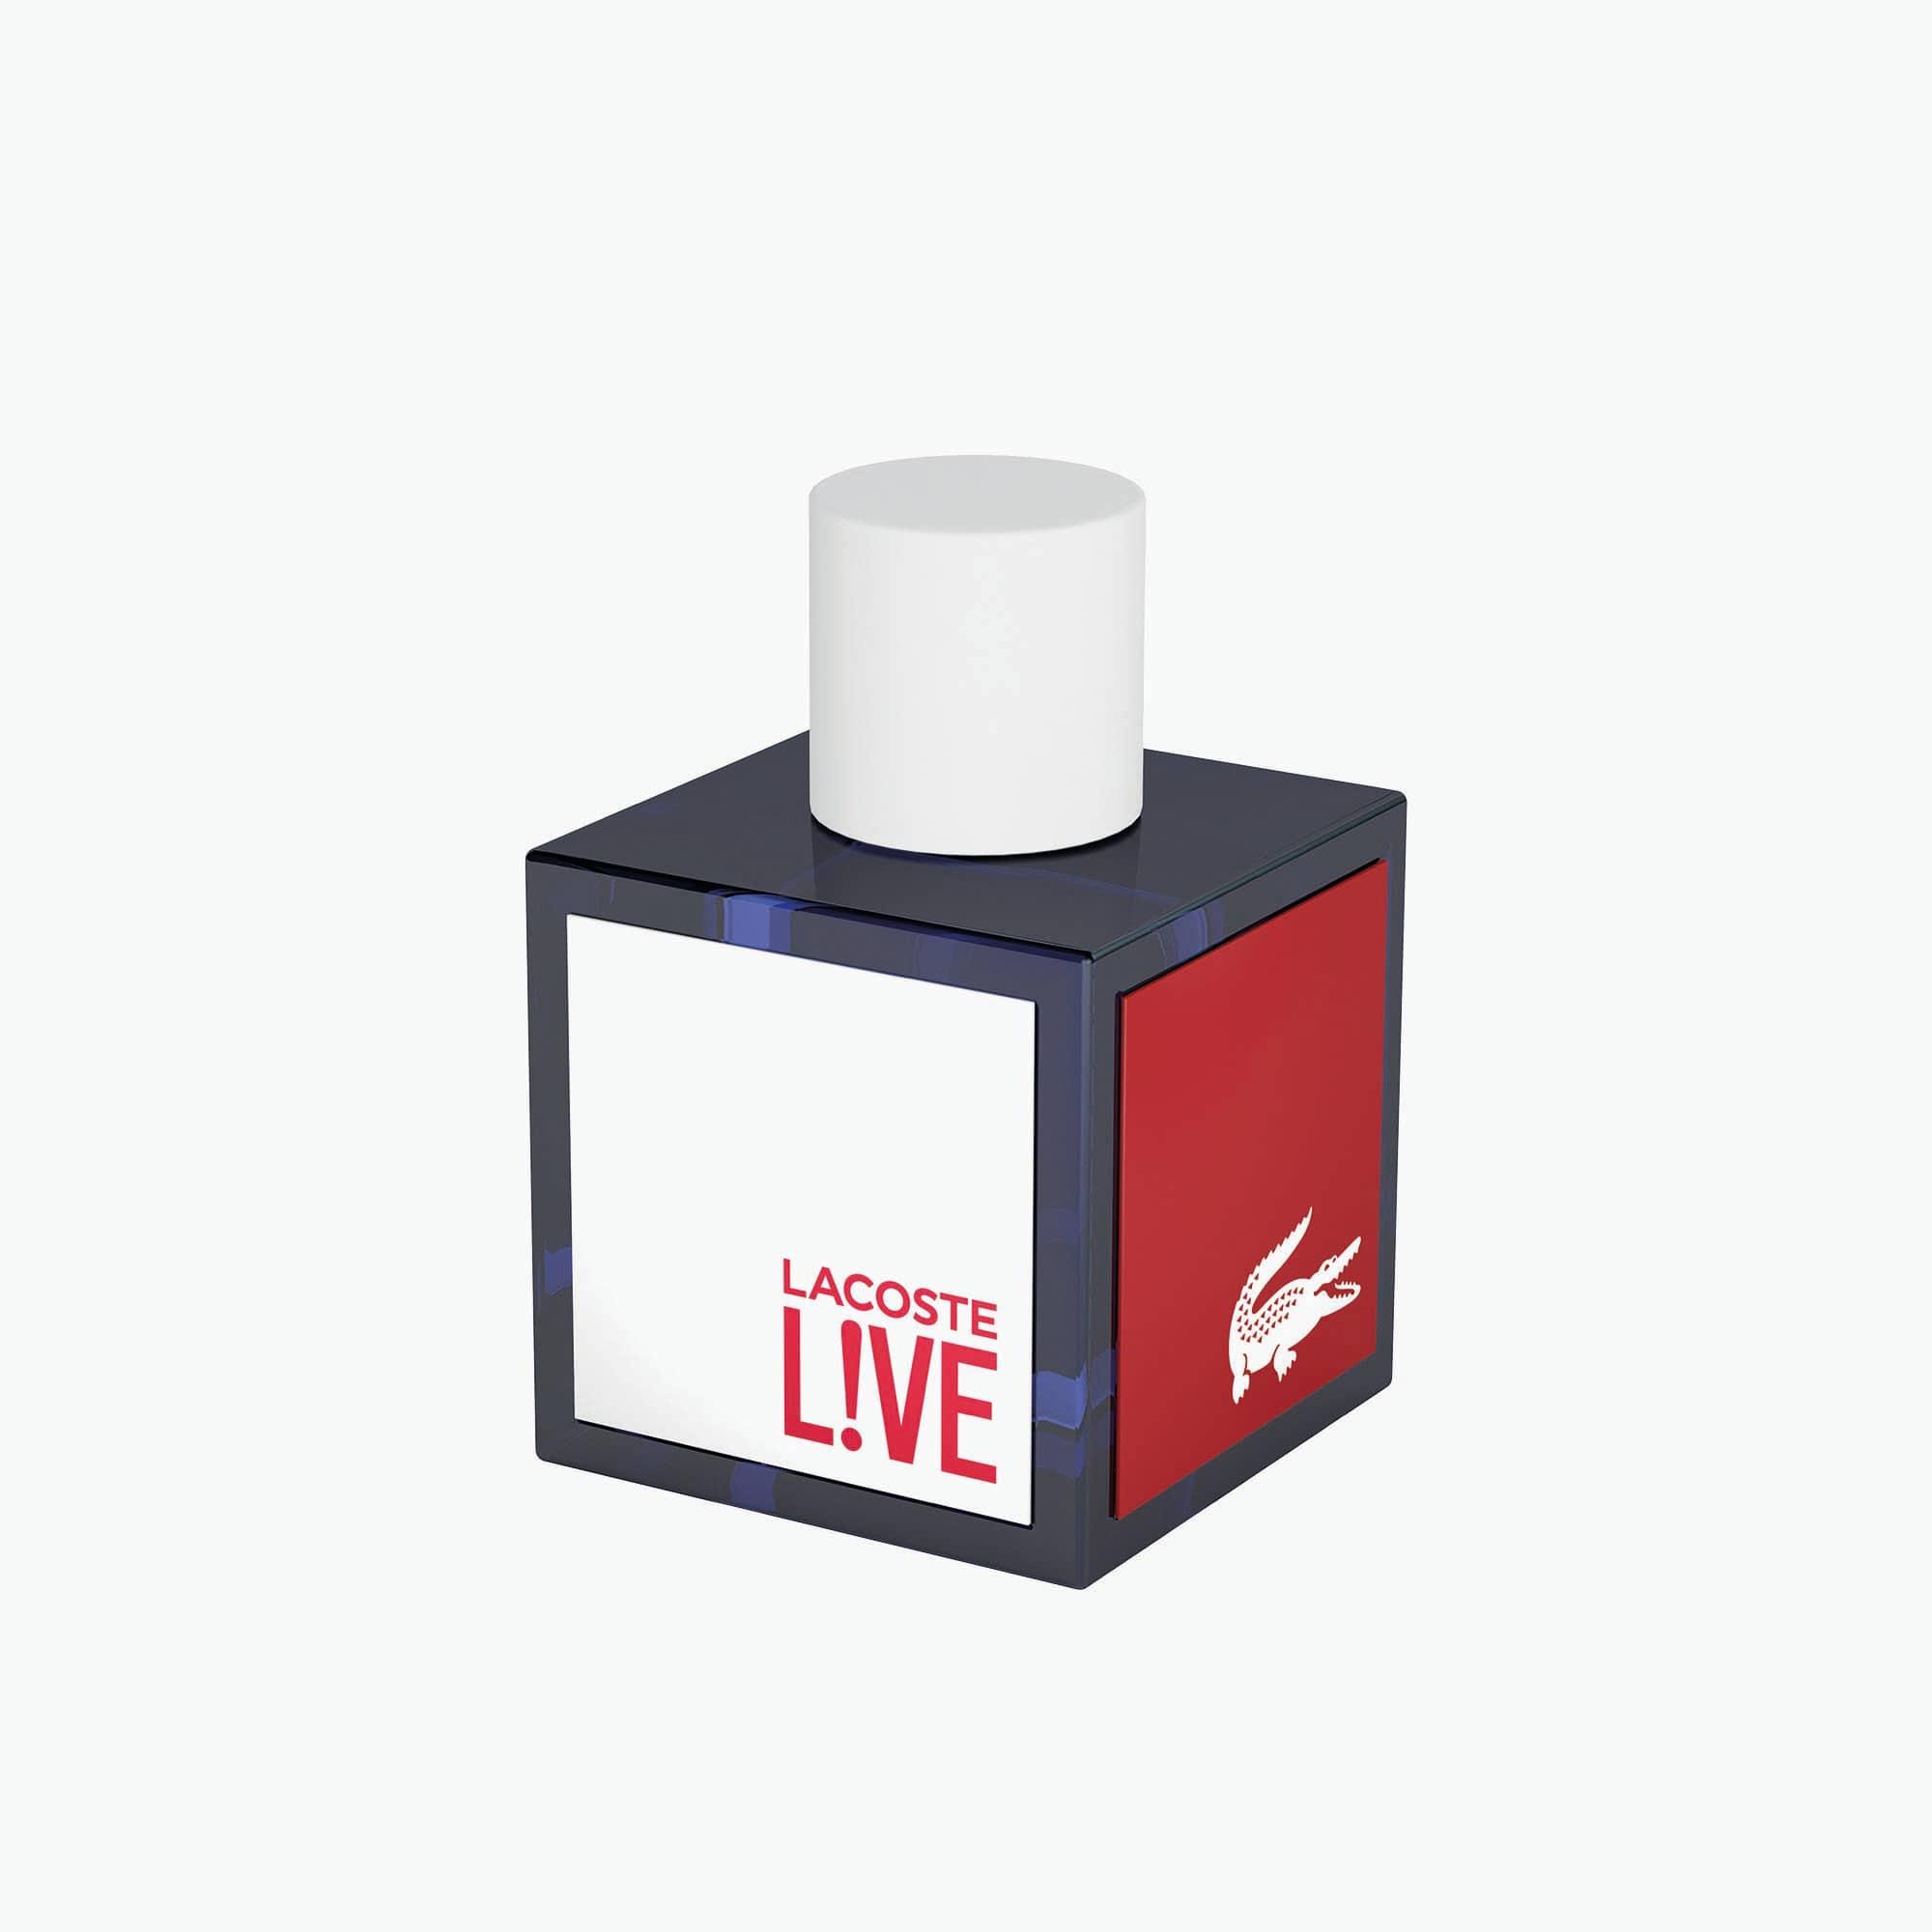 najlepsze ceny ekskluzywne buty nowy styl życia Lacoste Live Eau de Toilette 60ml